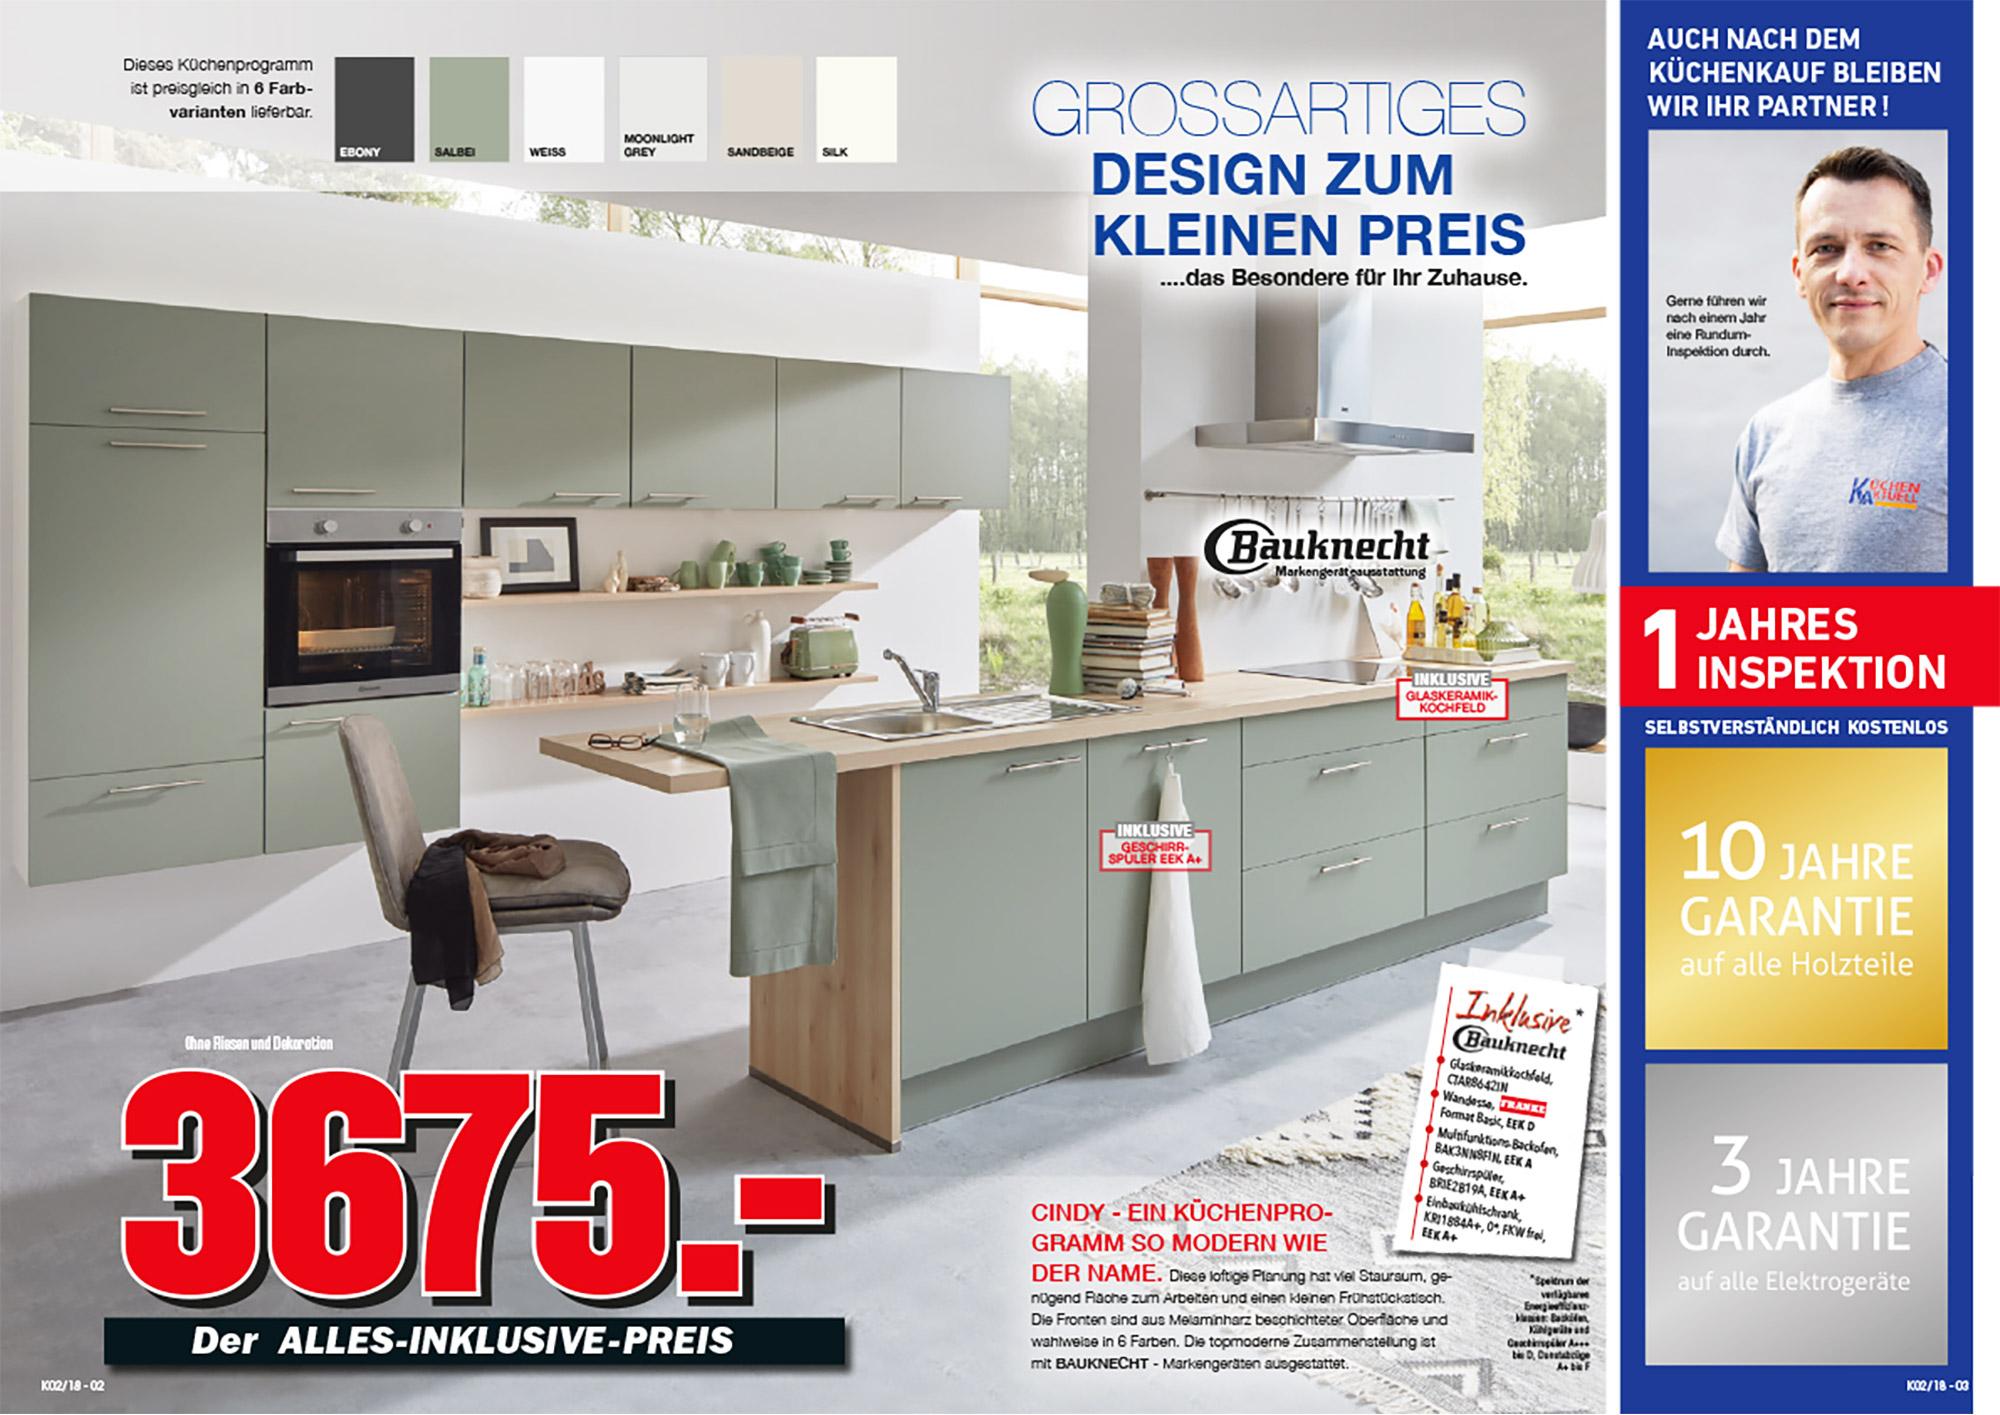 Kuche Angebote Hannover Die Gondel With Kuche Angebote Hannover Kchen Aktuell Prospekt Alle